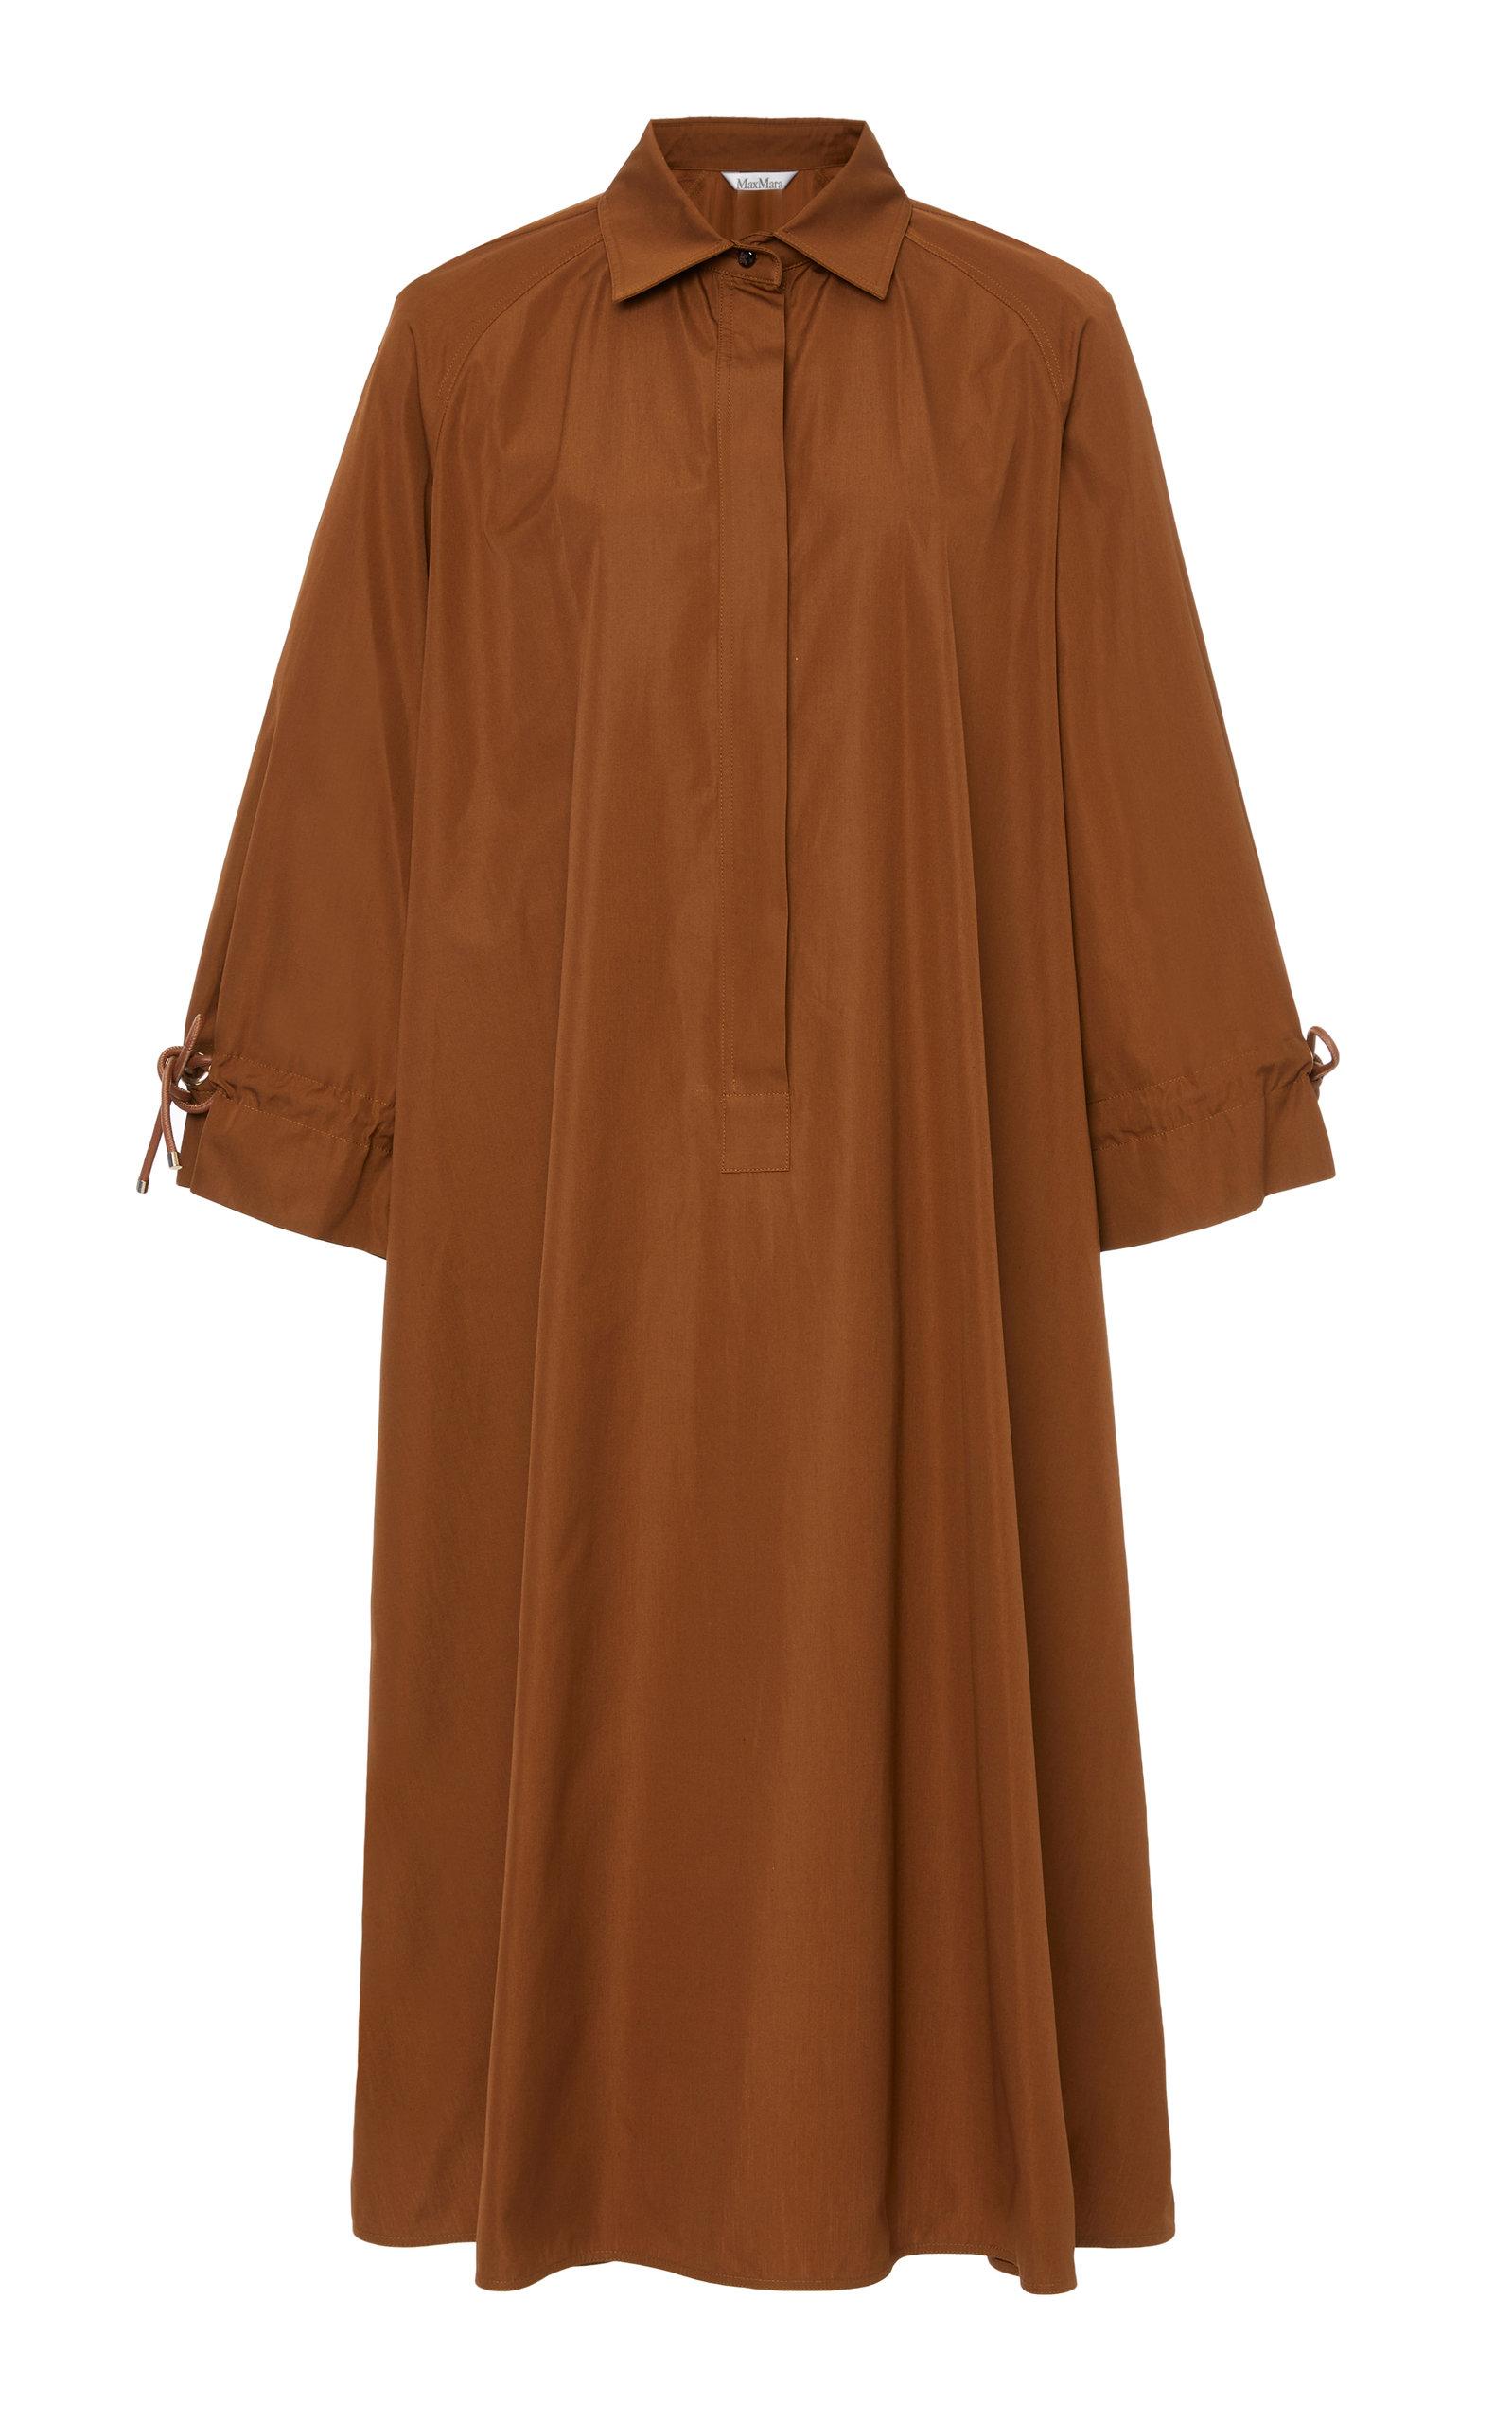 Max Mara Dresses COTTON-POPLIN SHIRT DRESS